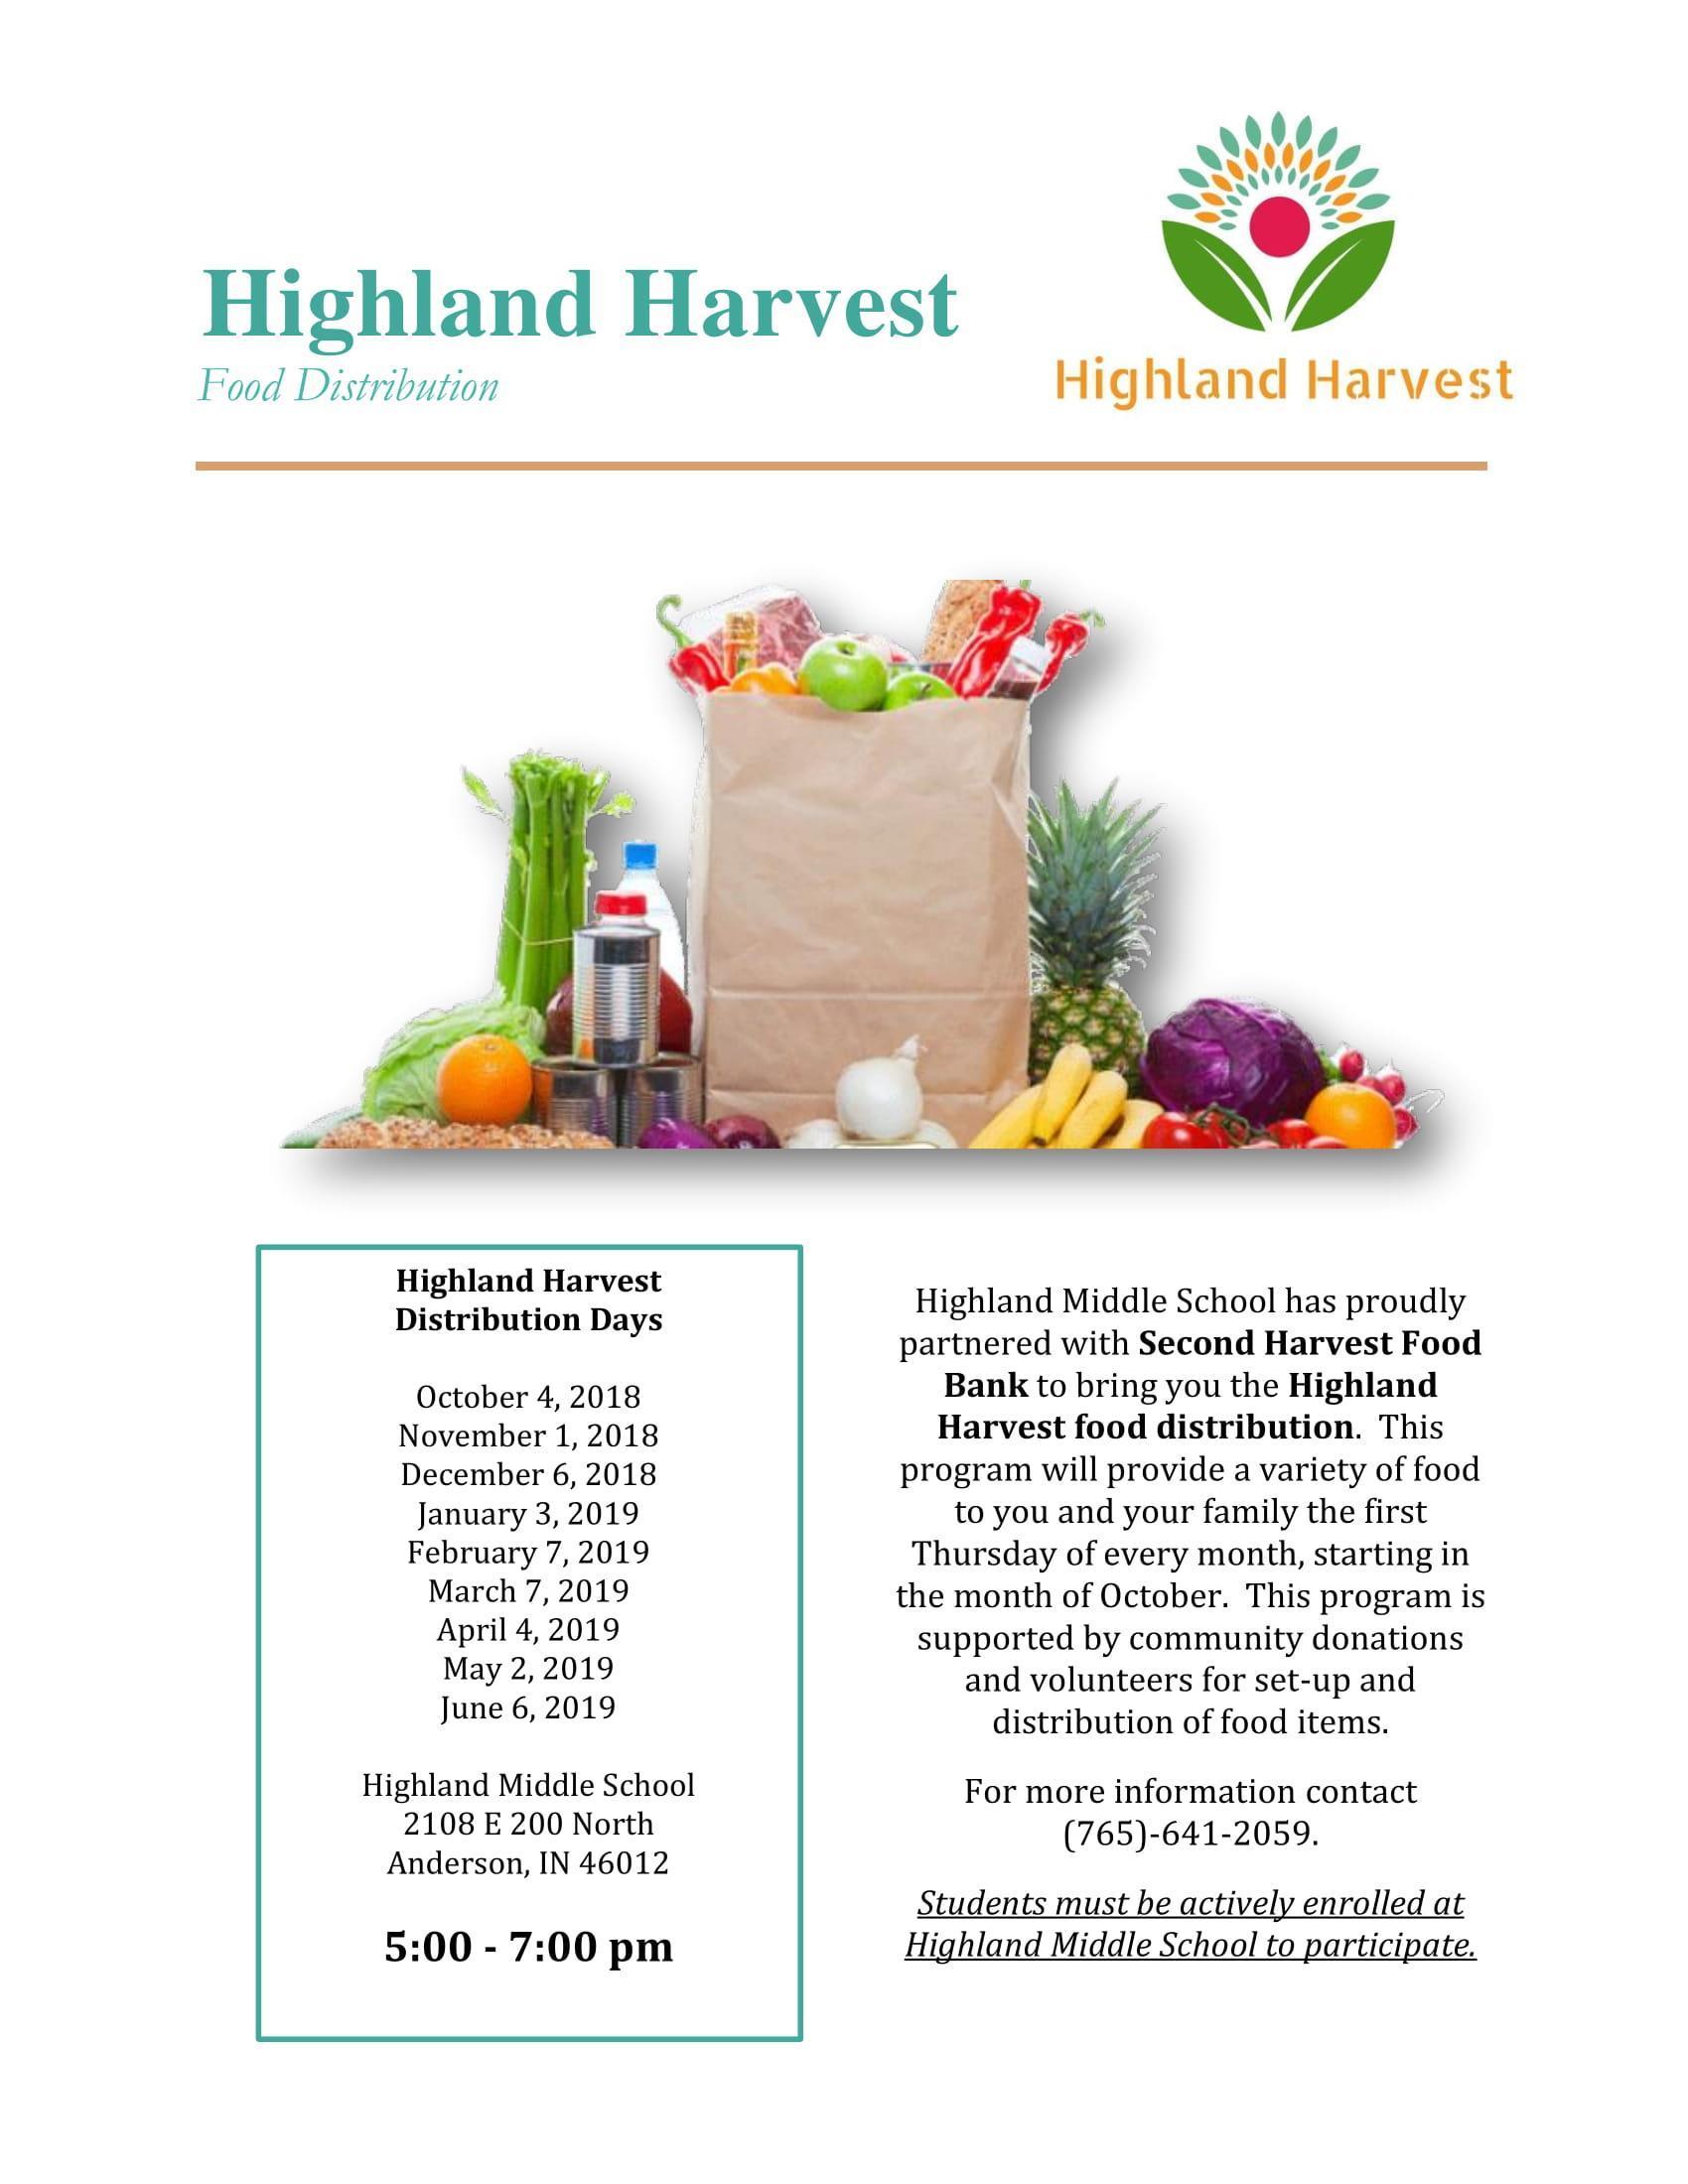 Flyer for the Highland Harvest food distribution for 2018-19